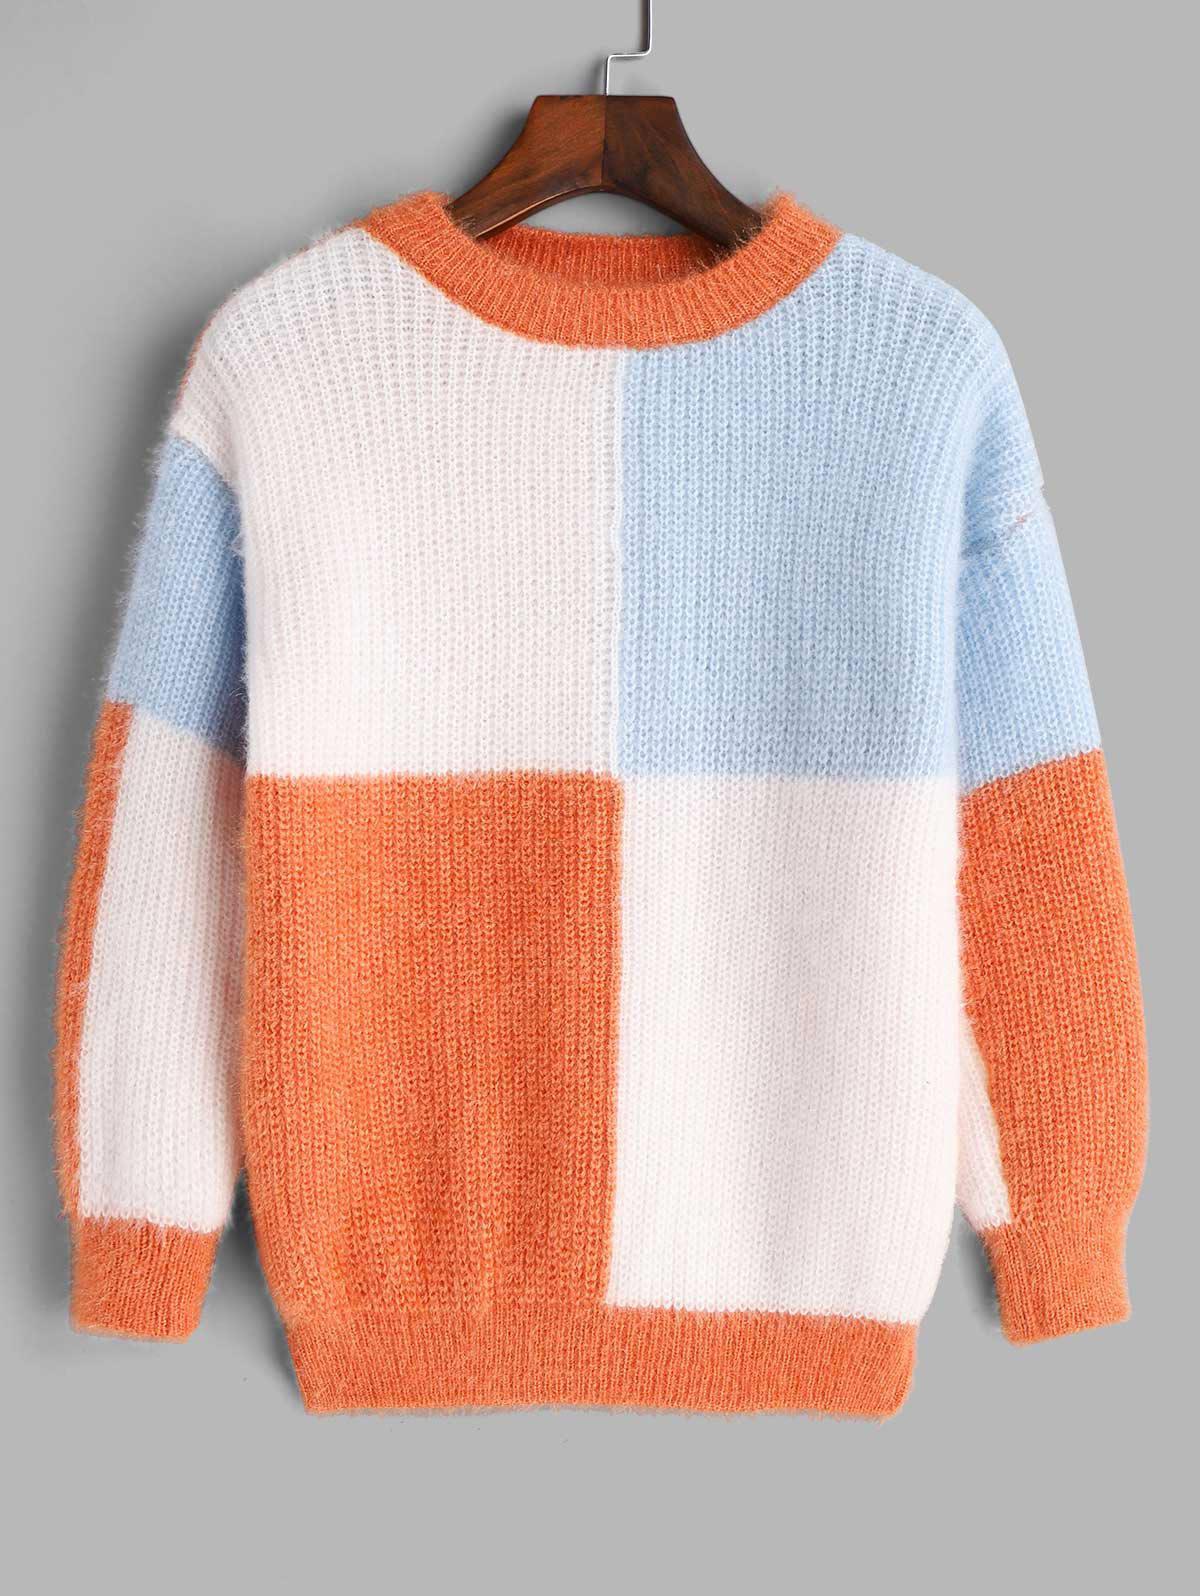 Crew Neck Colorblock Fuzzy Sweater